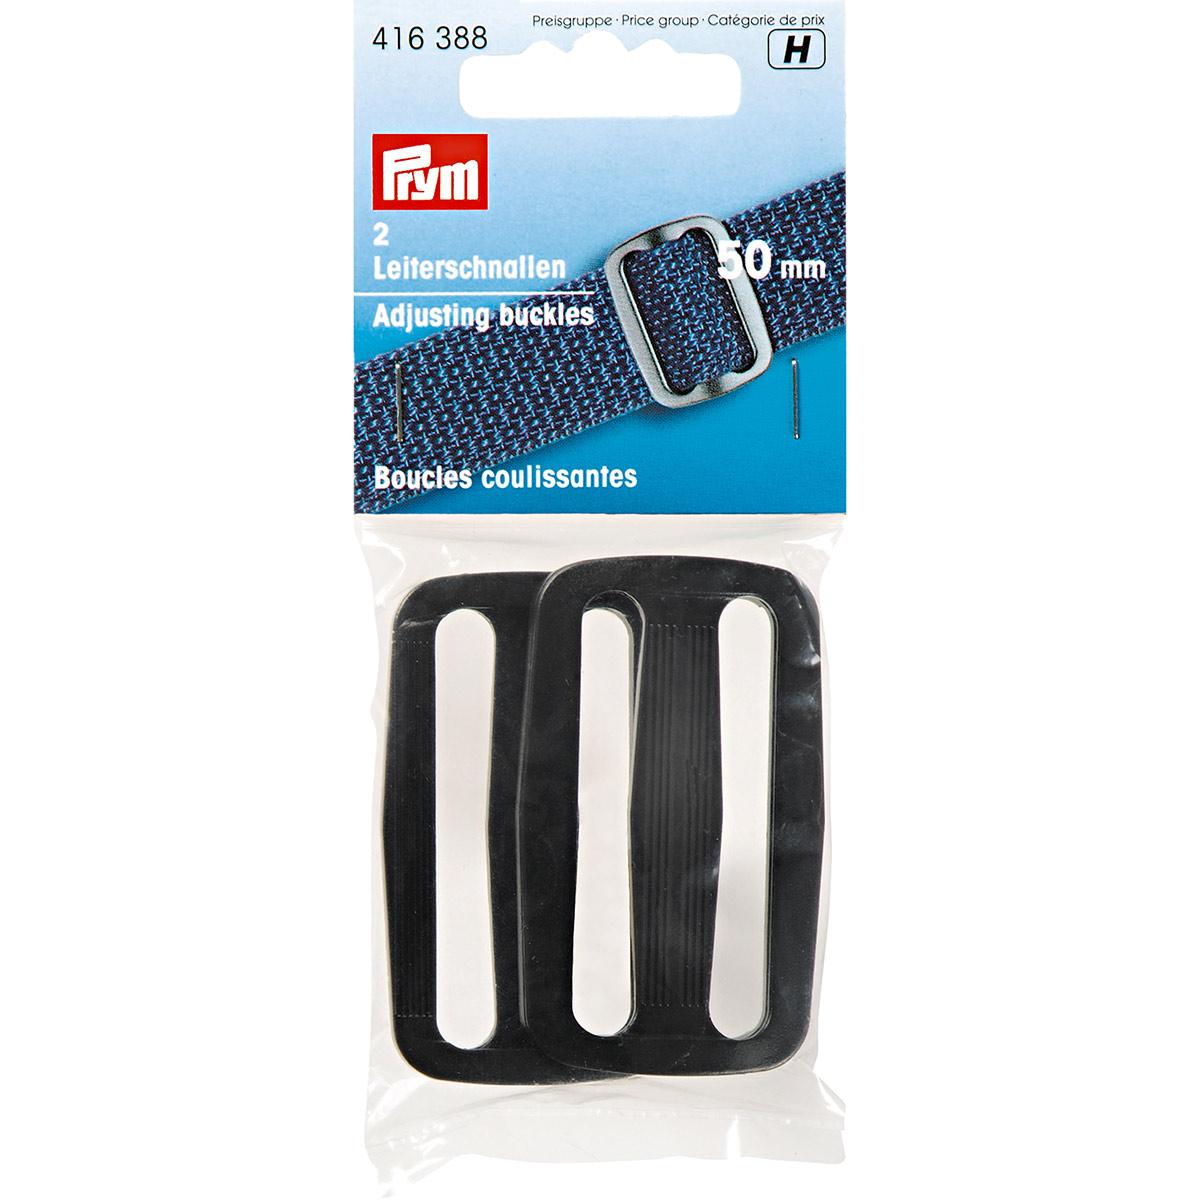 416388 Пряжка регулировочная, пластик, 50 мм, черный, упак./2 шт., Prym